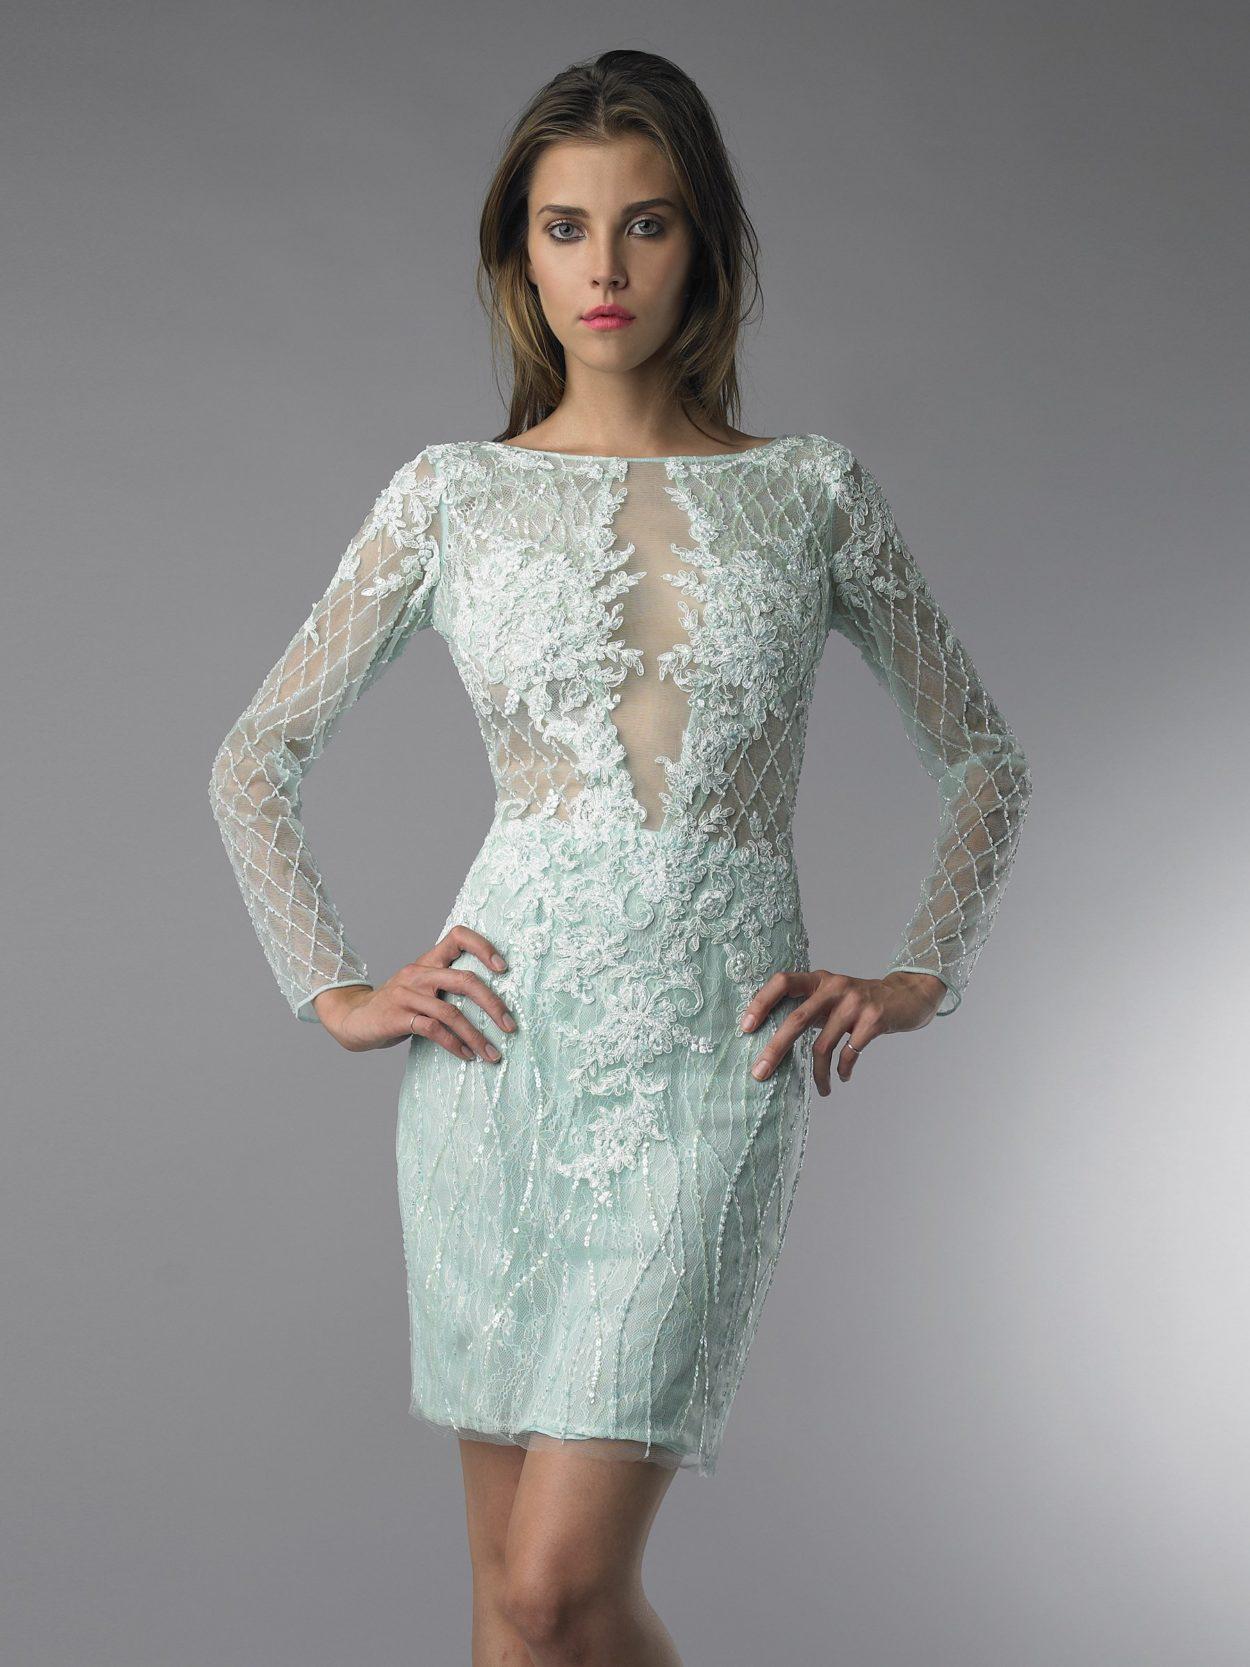 Модні коктейльні сукні для випускного 2016 (фото) - TerraWoman.UA ddfd27cf22c76